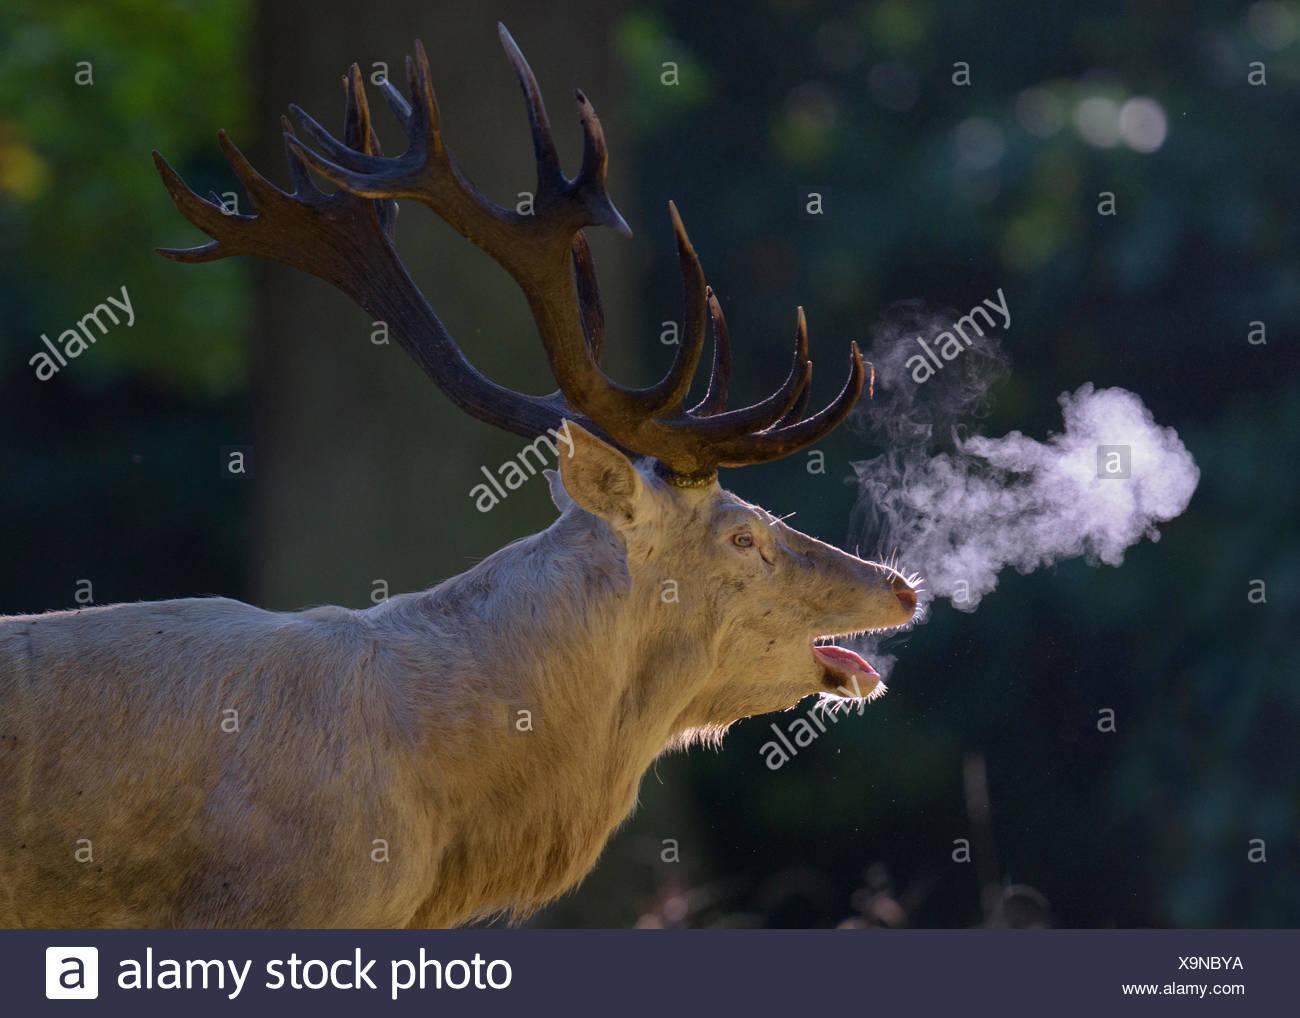 Rothirsch (Cervus Elaphus), Hirsch, Spurrinnen weiße Morph, belling, Hintergrundbeleuchtung, Atemzug Kondensation, Seeland, Dänemark Stockbild